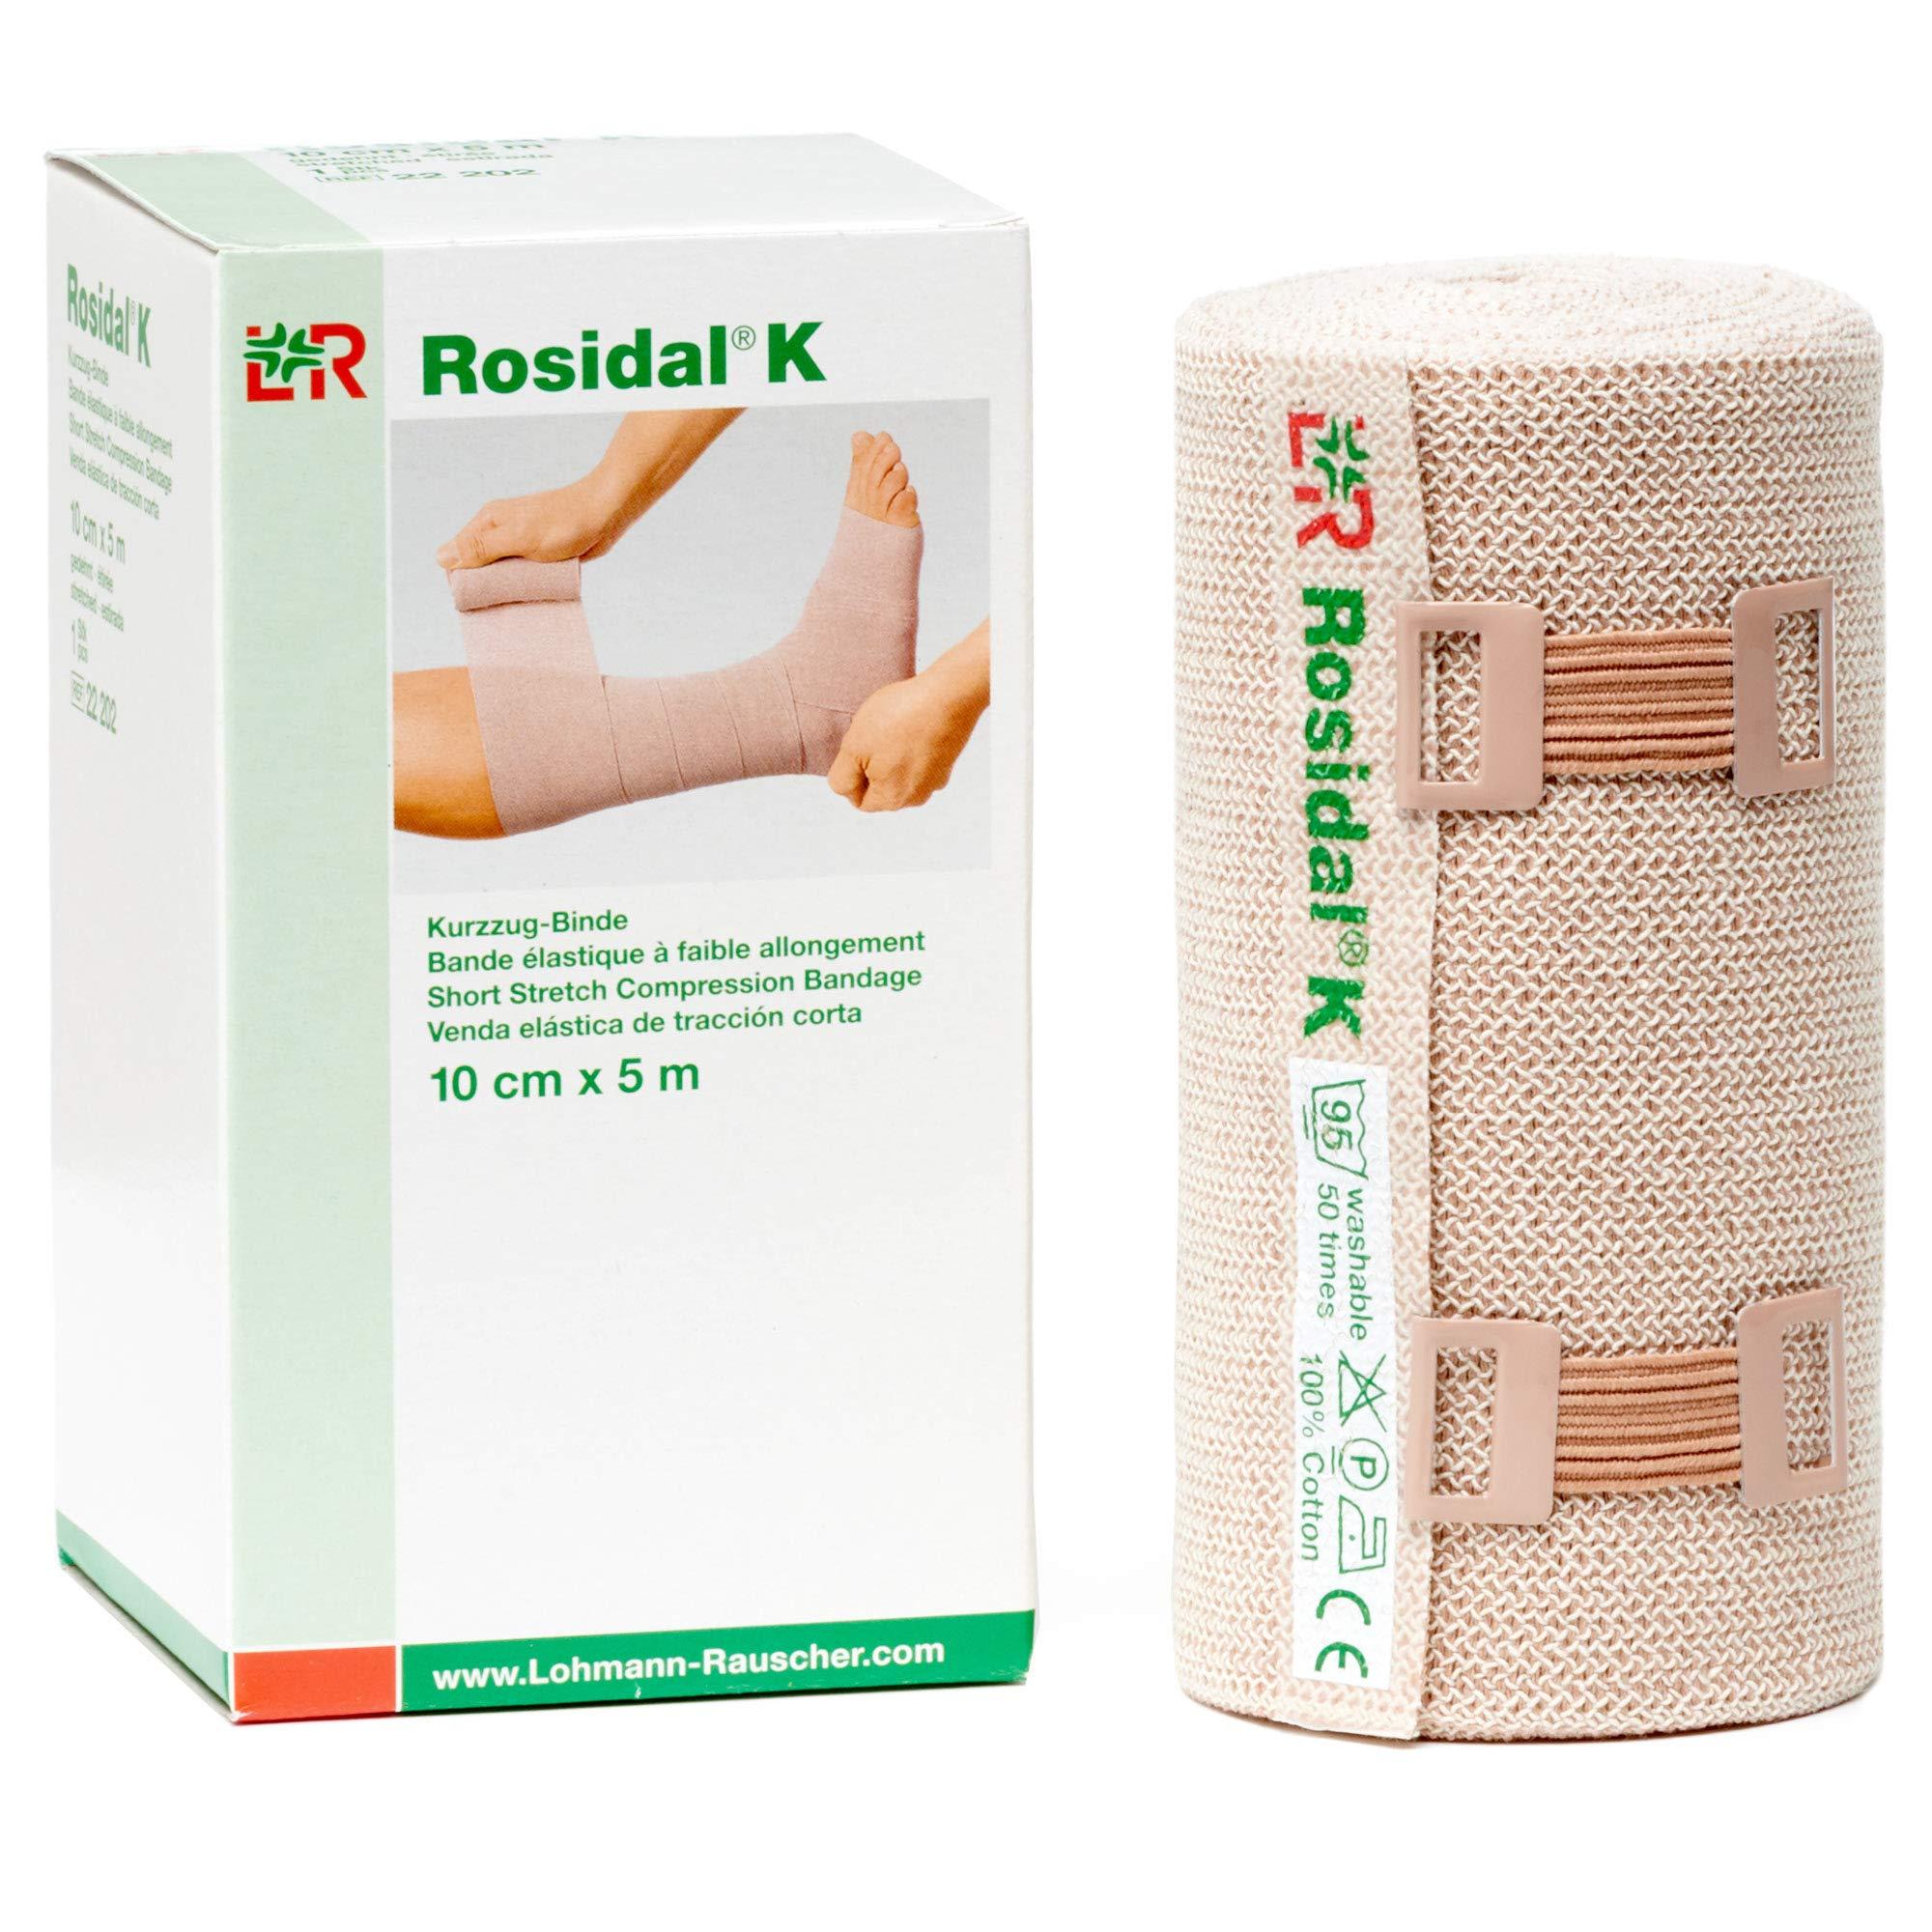 Rosidal K 10cm x 5m Short-Stretch Bandages 4 Each by Lohmann Rauscher